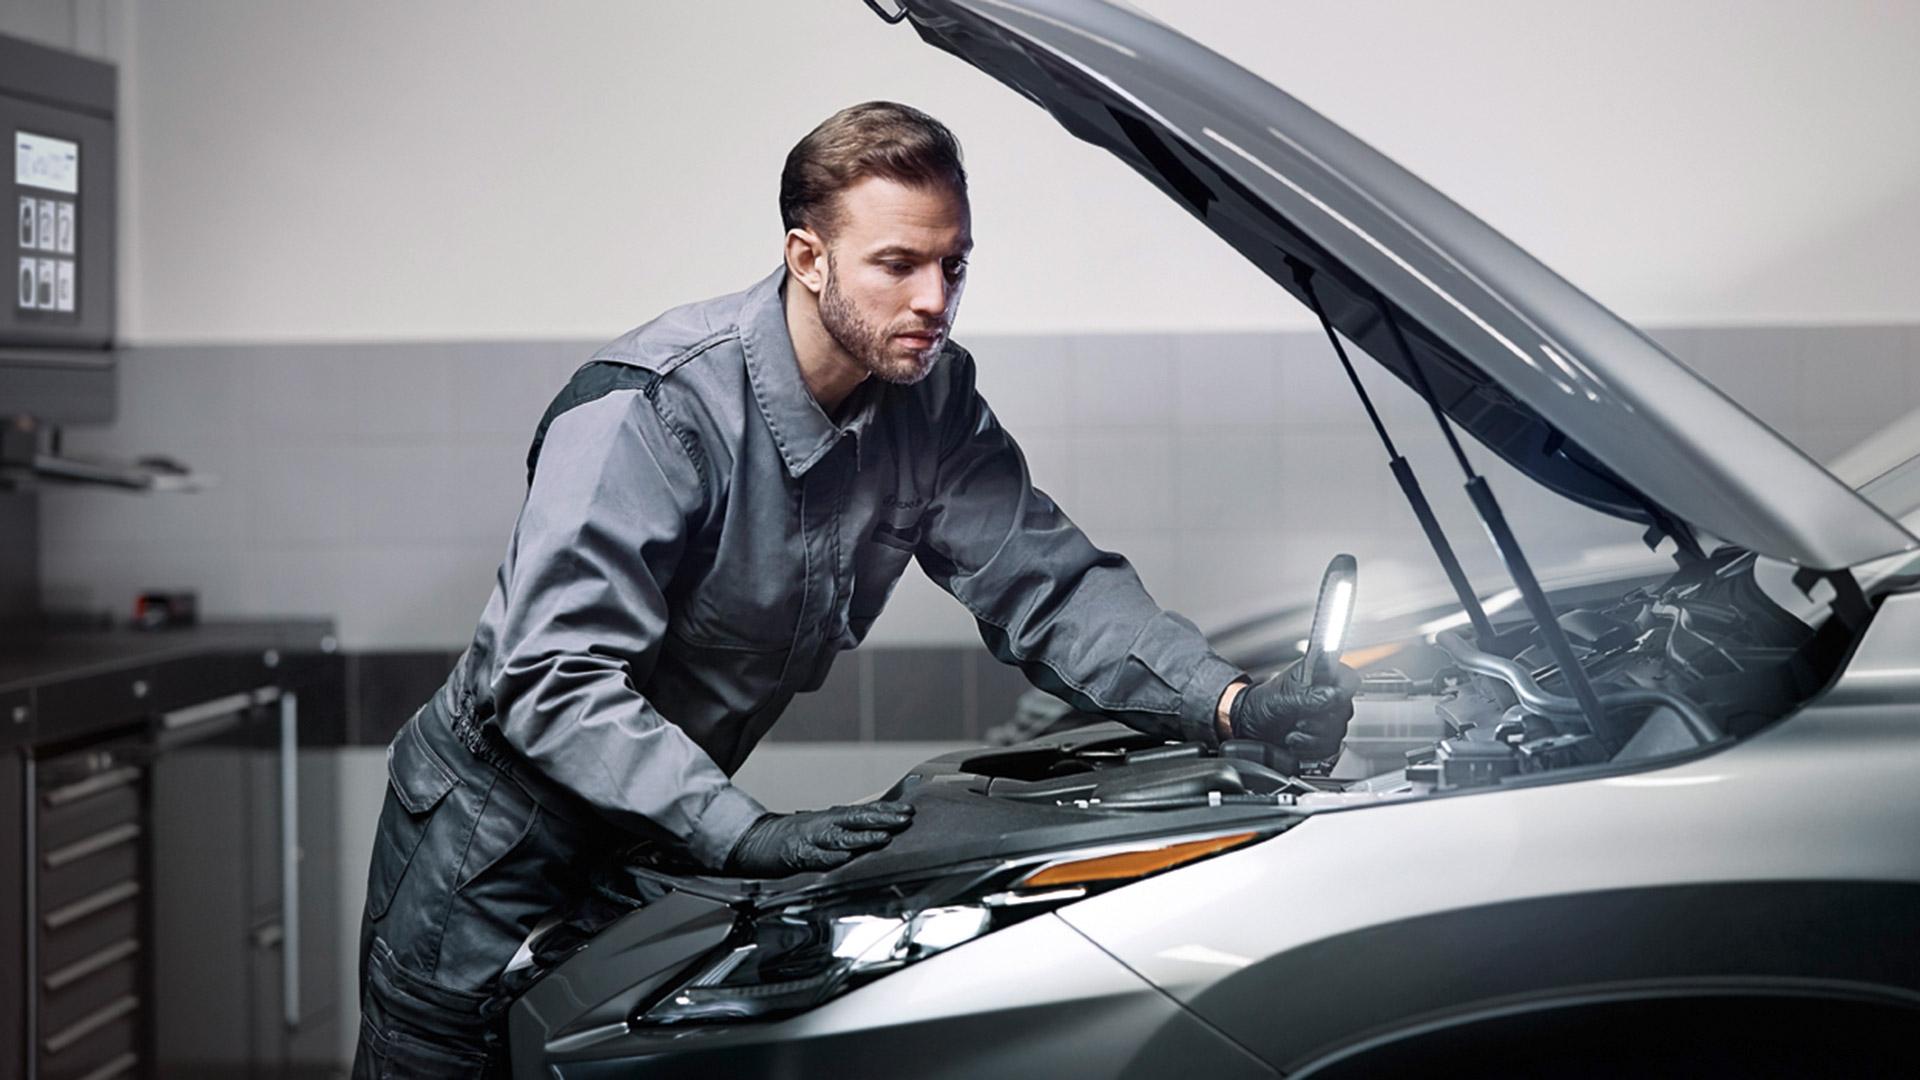 2020 019 Houd uw Lexus in topconditie met Lexus Homecare hero 2